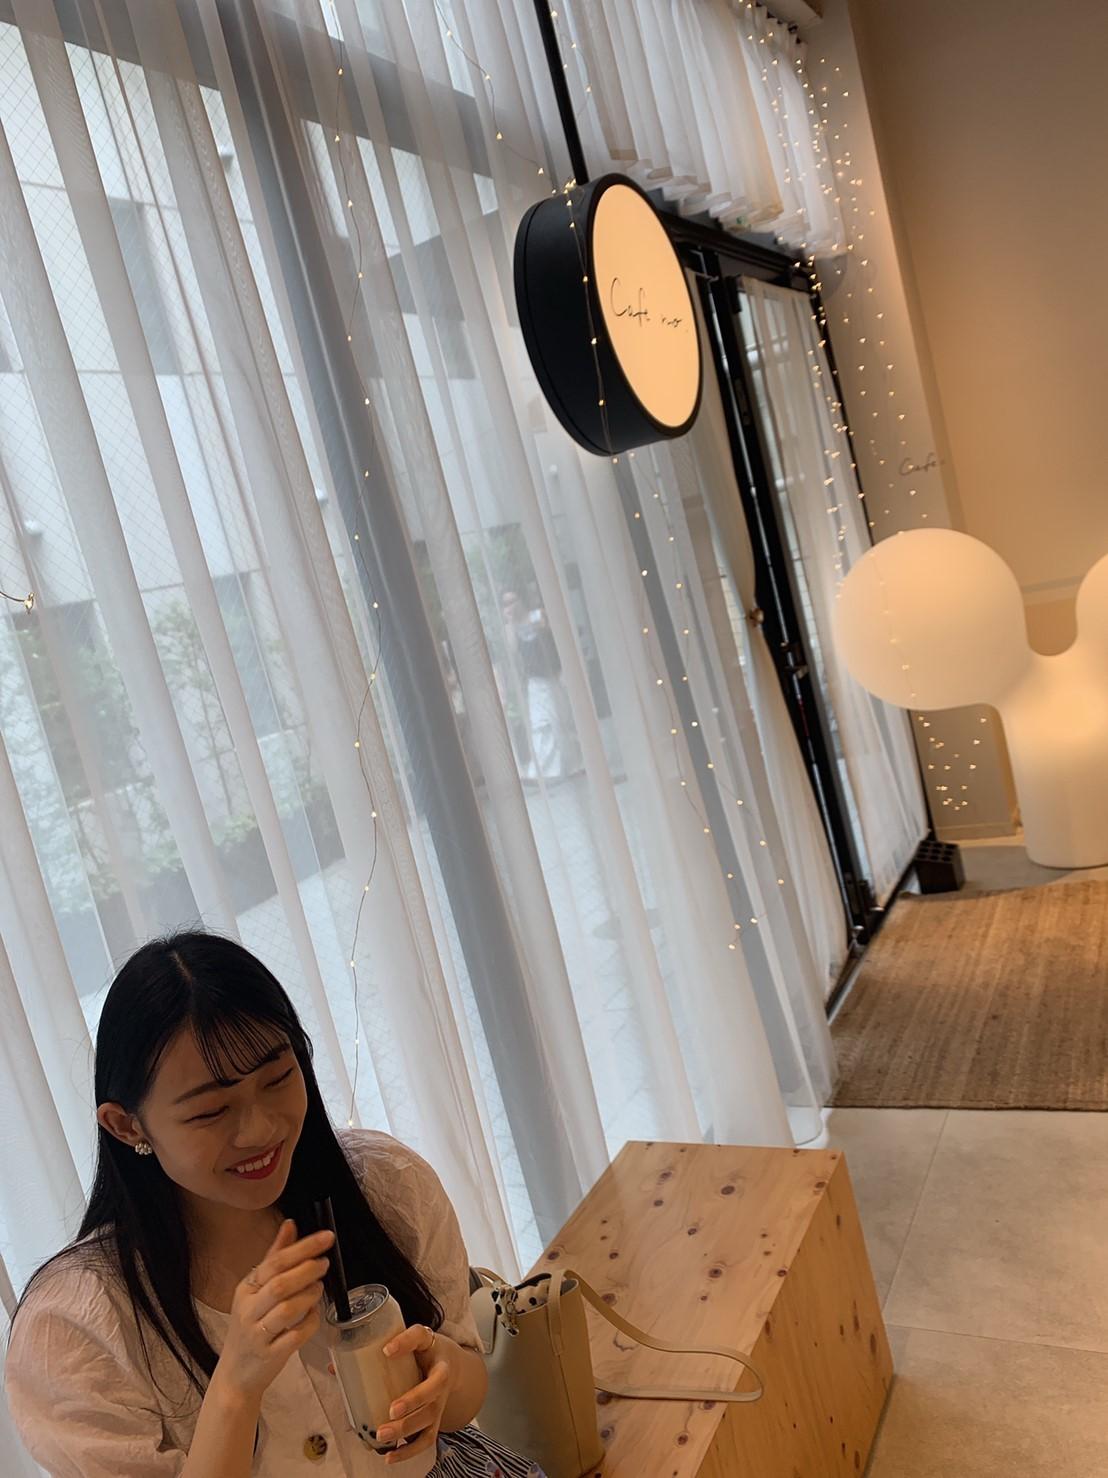 ちょっと背伸びをしたタピオカ屋さん【 Cafe no. 】_1_4-2